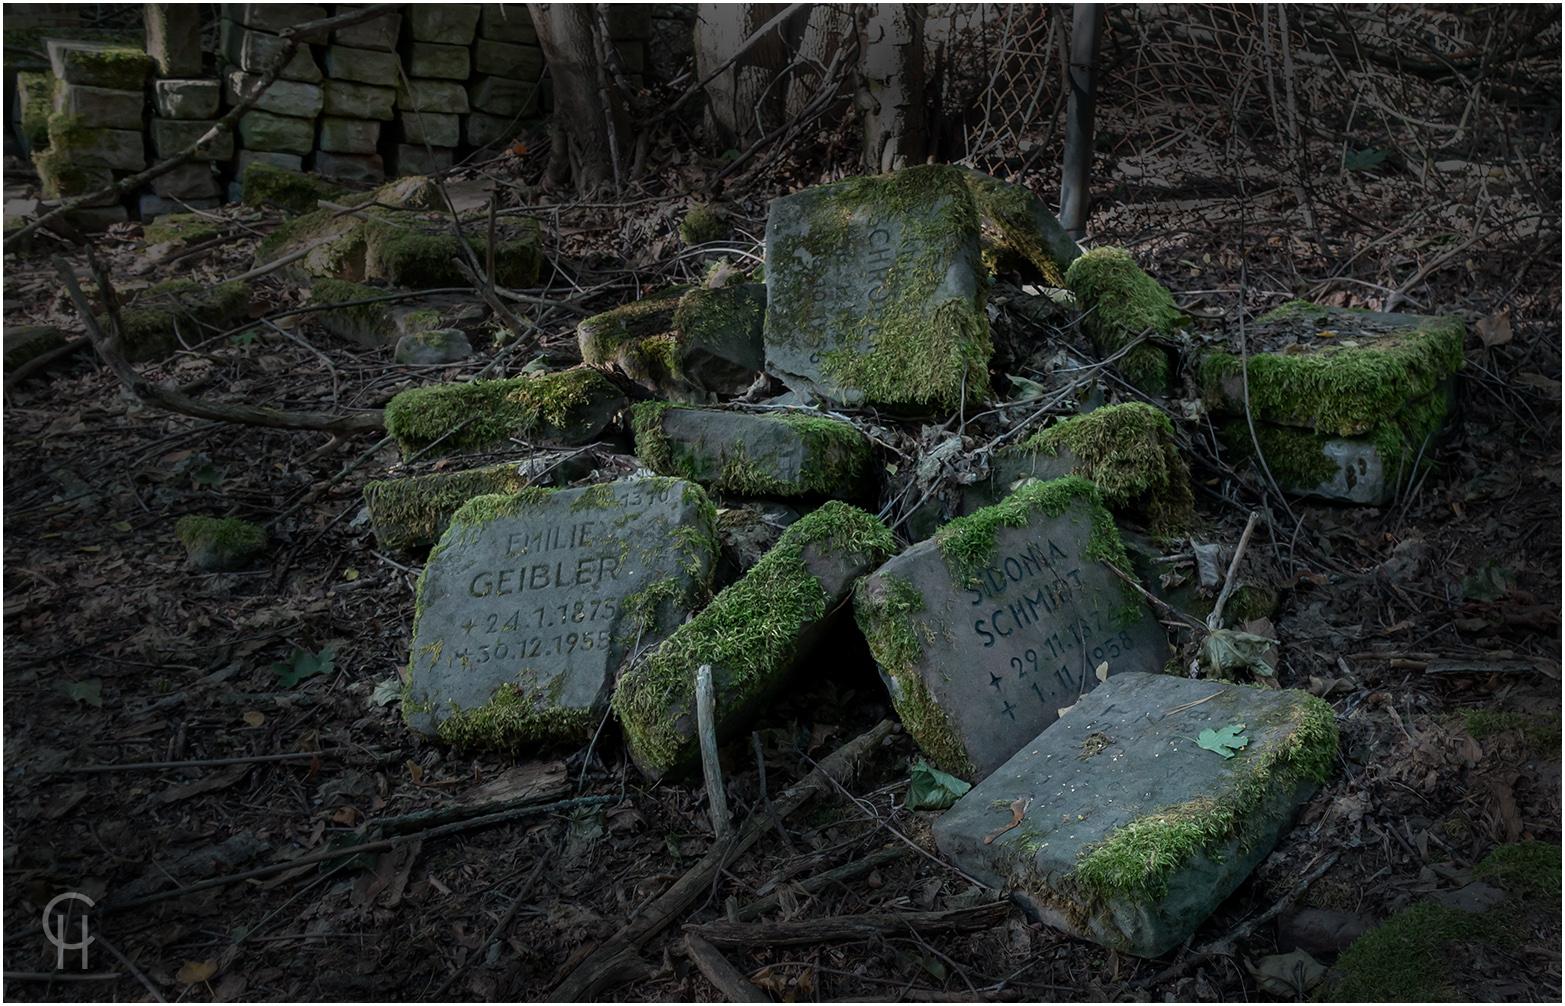 Das Geheimnis der Totenkapelle im Wald